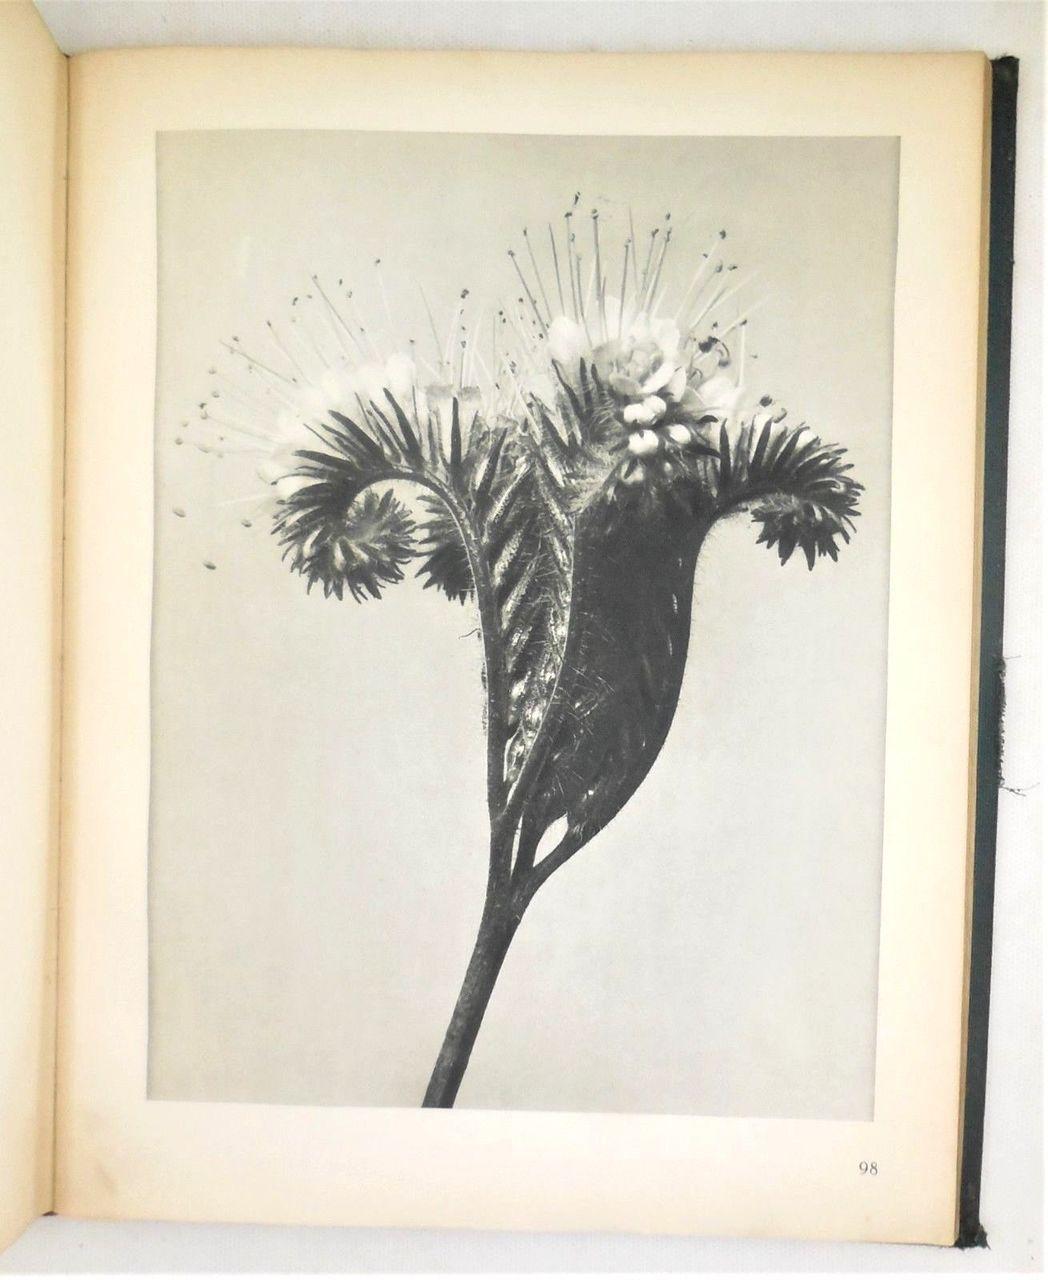 URFORMEN DER KUNST, by Karl Blossfeldt - c.1928